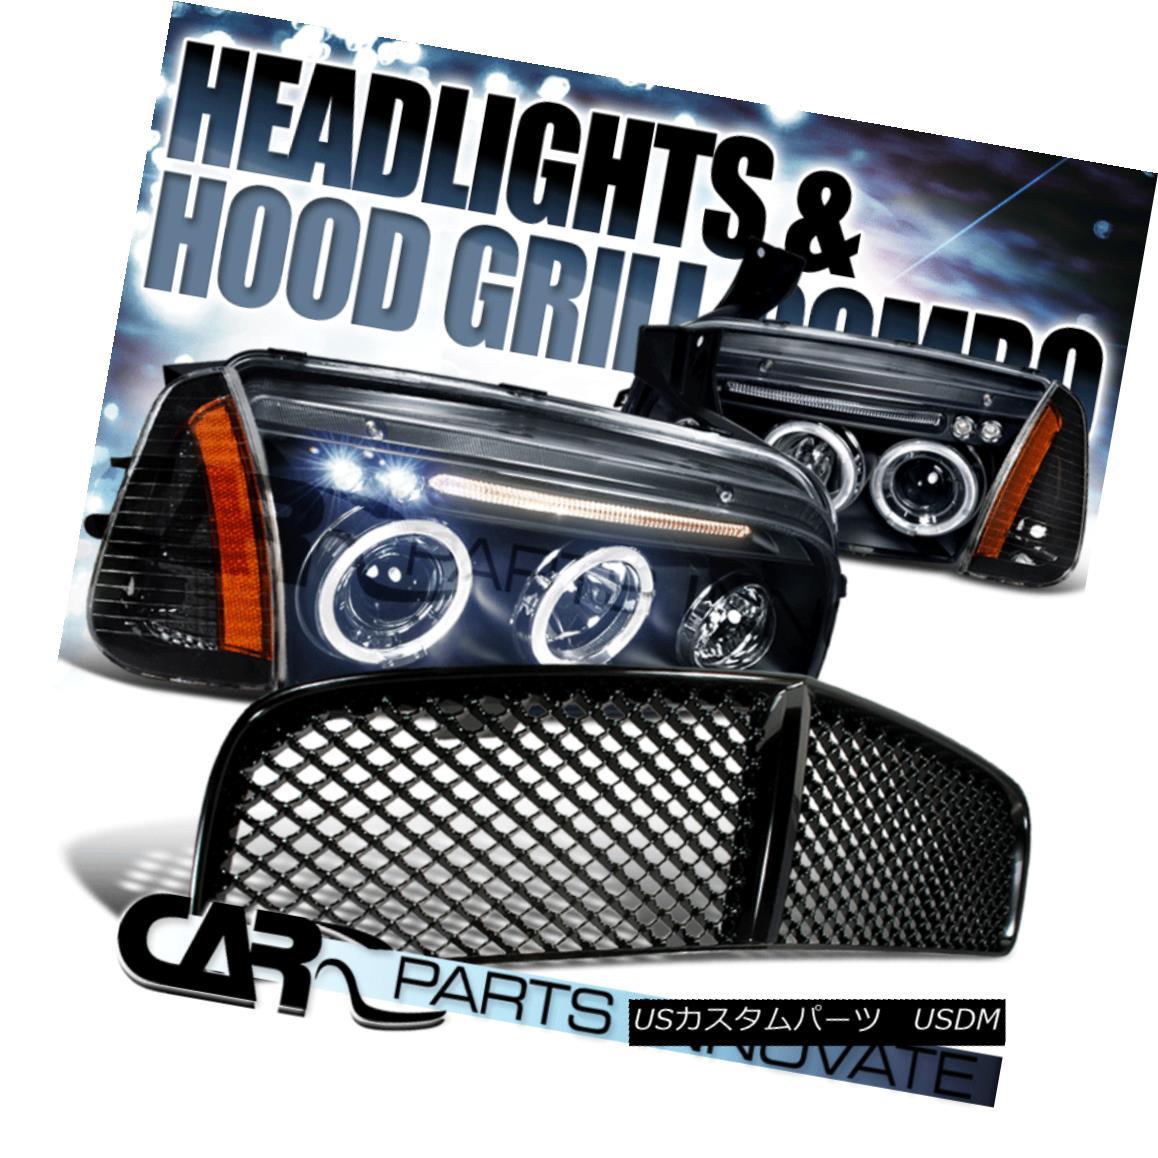 グリル 2006-2010 Dodge Charger Black Halo LED Projector Headlights+Corner Lamp+Grille 2006-2010 Dodge Charger Black Halo LEDプロジェクターヘッドライト+ Cor ner Lamp + Grille